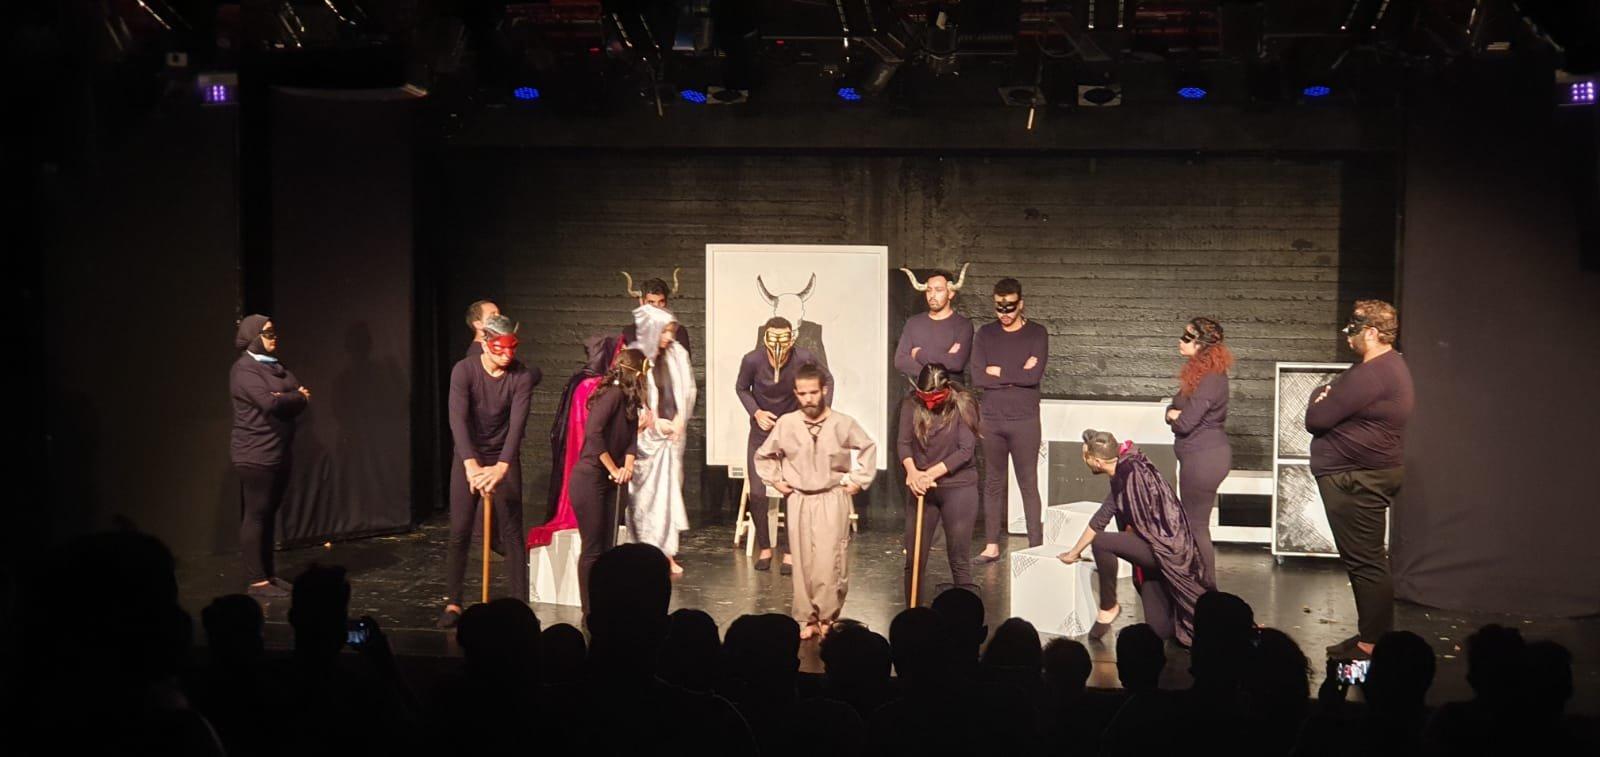 أكاديمية فرينج الناصرة تحتفل هذا الأسبوع بتخريج الفوج الثاني من طلاب فرع التمثيل الجدد وعرض مسرحيتهم الأولى-6